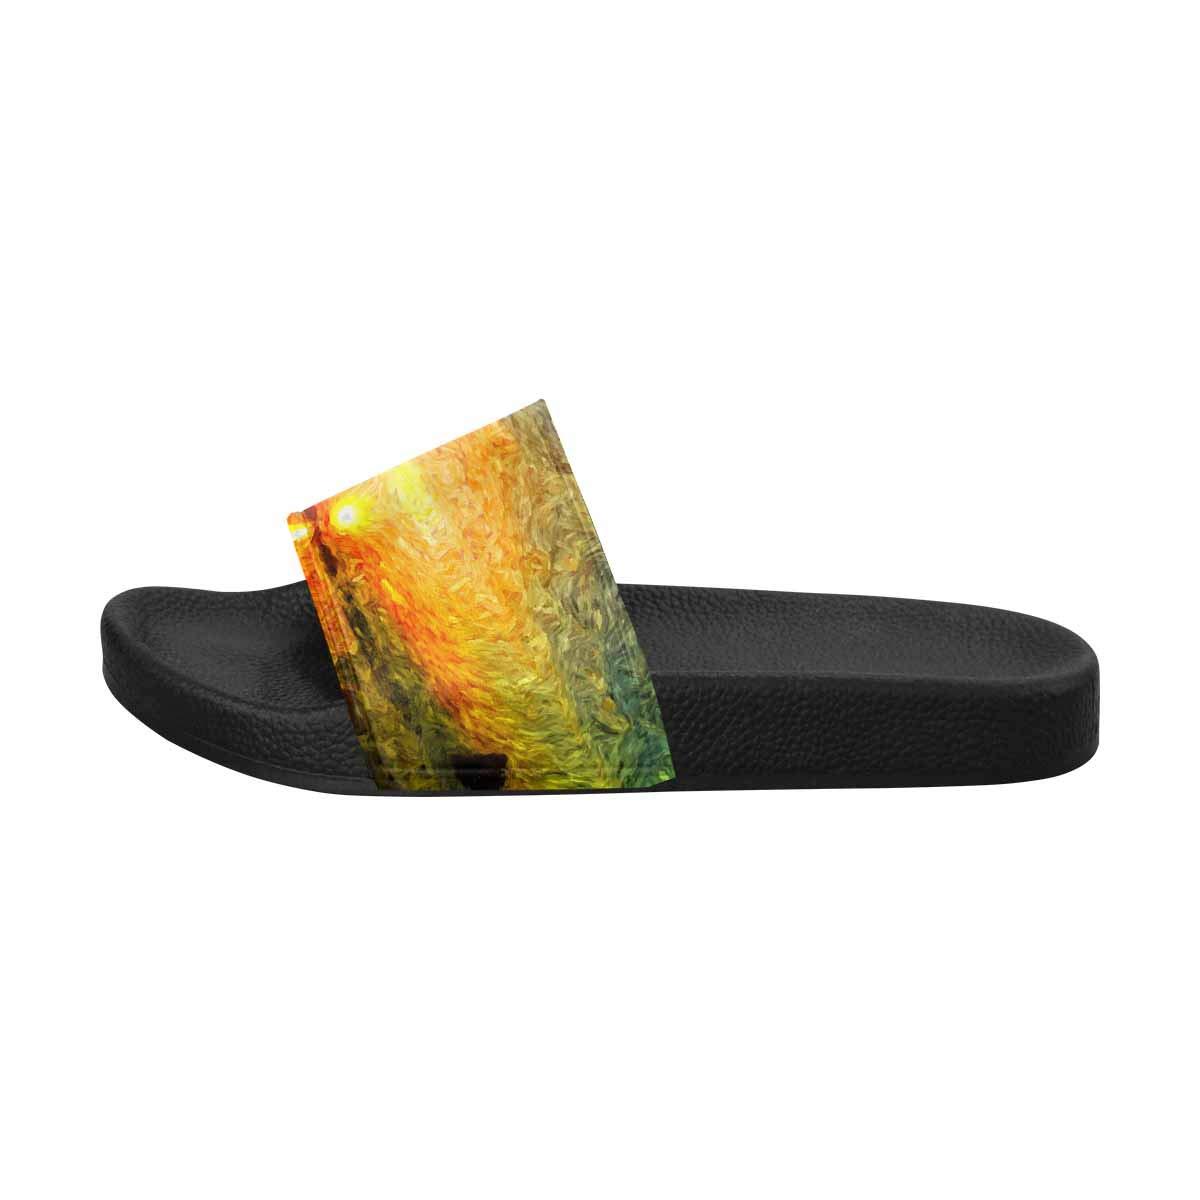 INTERESTPRINT Lightweight Bath Slippers House Slippers for Women US6-US12 Sunrise or Sunset